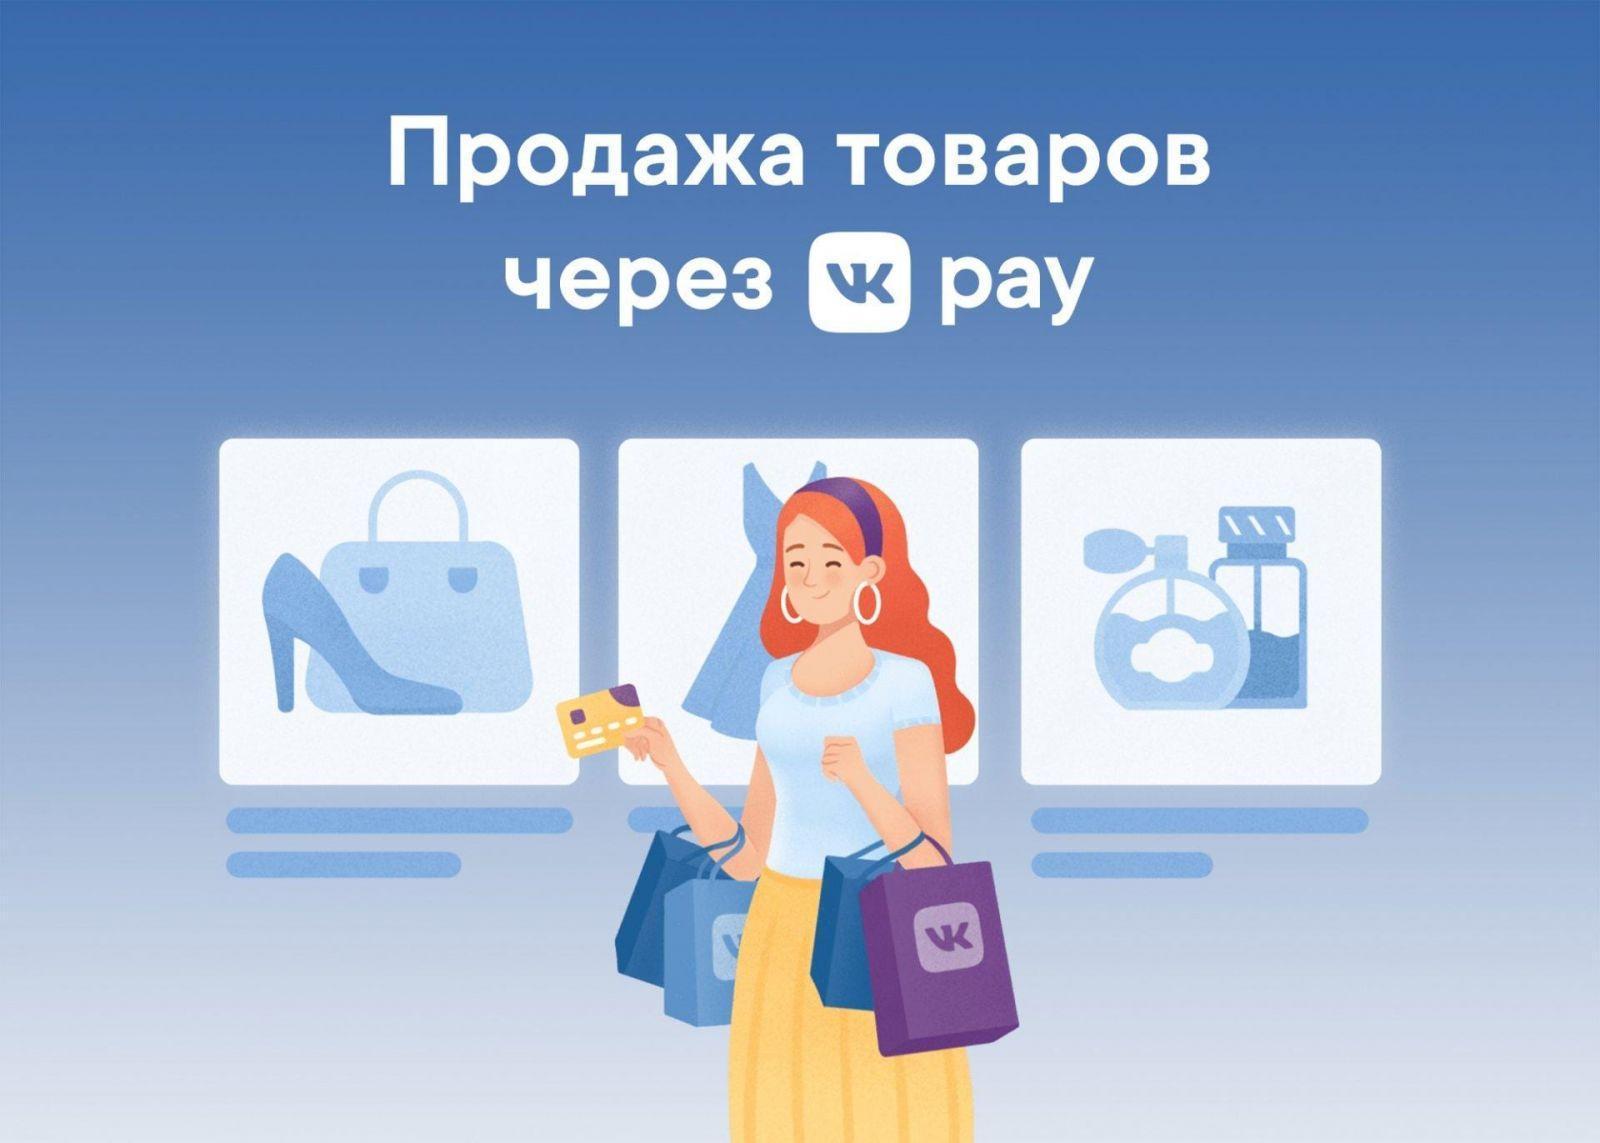 ВКонтакте начала тестирование платформы VK Pay для юридических лиц и ИП